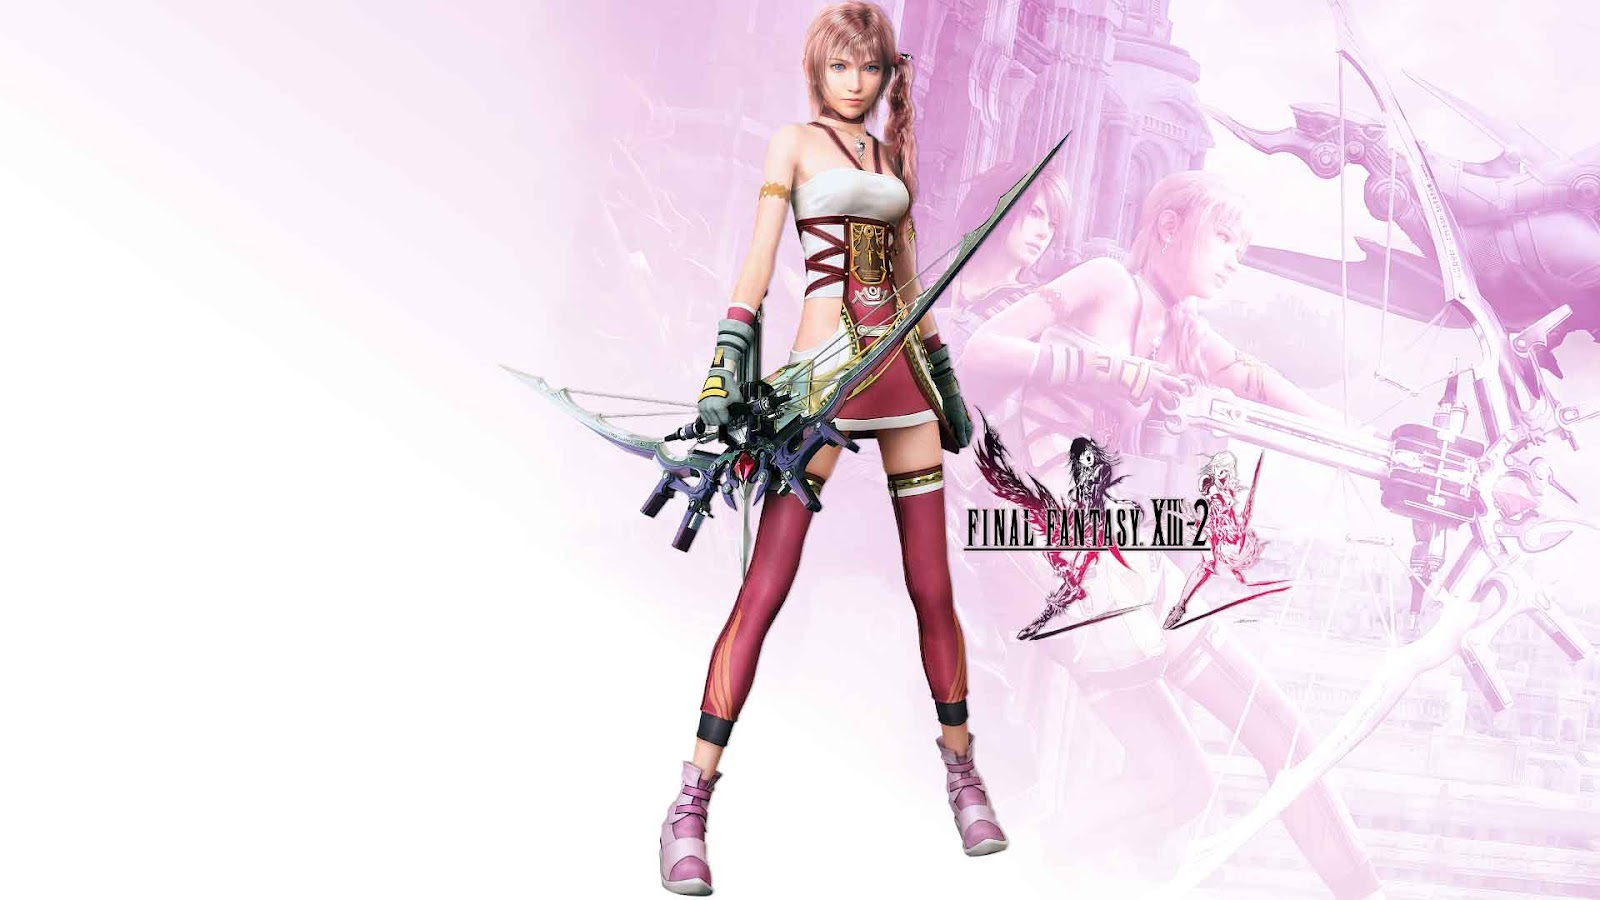 http://2.bp.blogspot.com/-5TimA70SjdM/UBTvD-S4cvI/AAAAAAAAETE/j4_b4FcDQIA/s1600/Final-Fantasy-XIII-2-HD-Serah.jpg